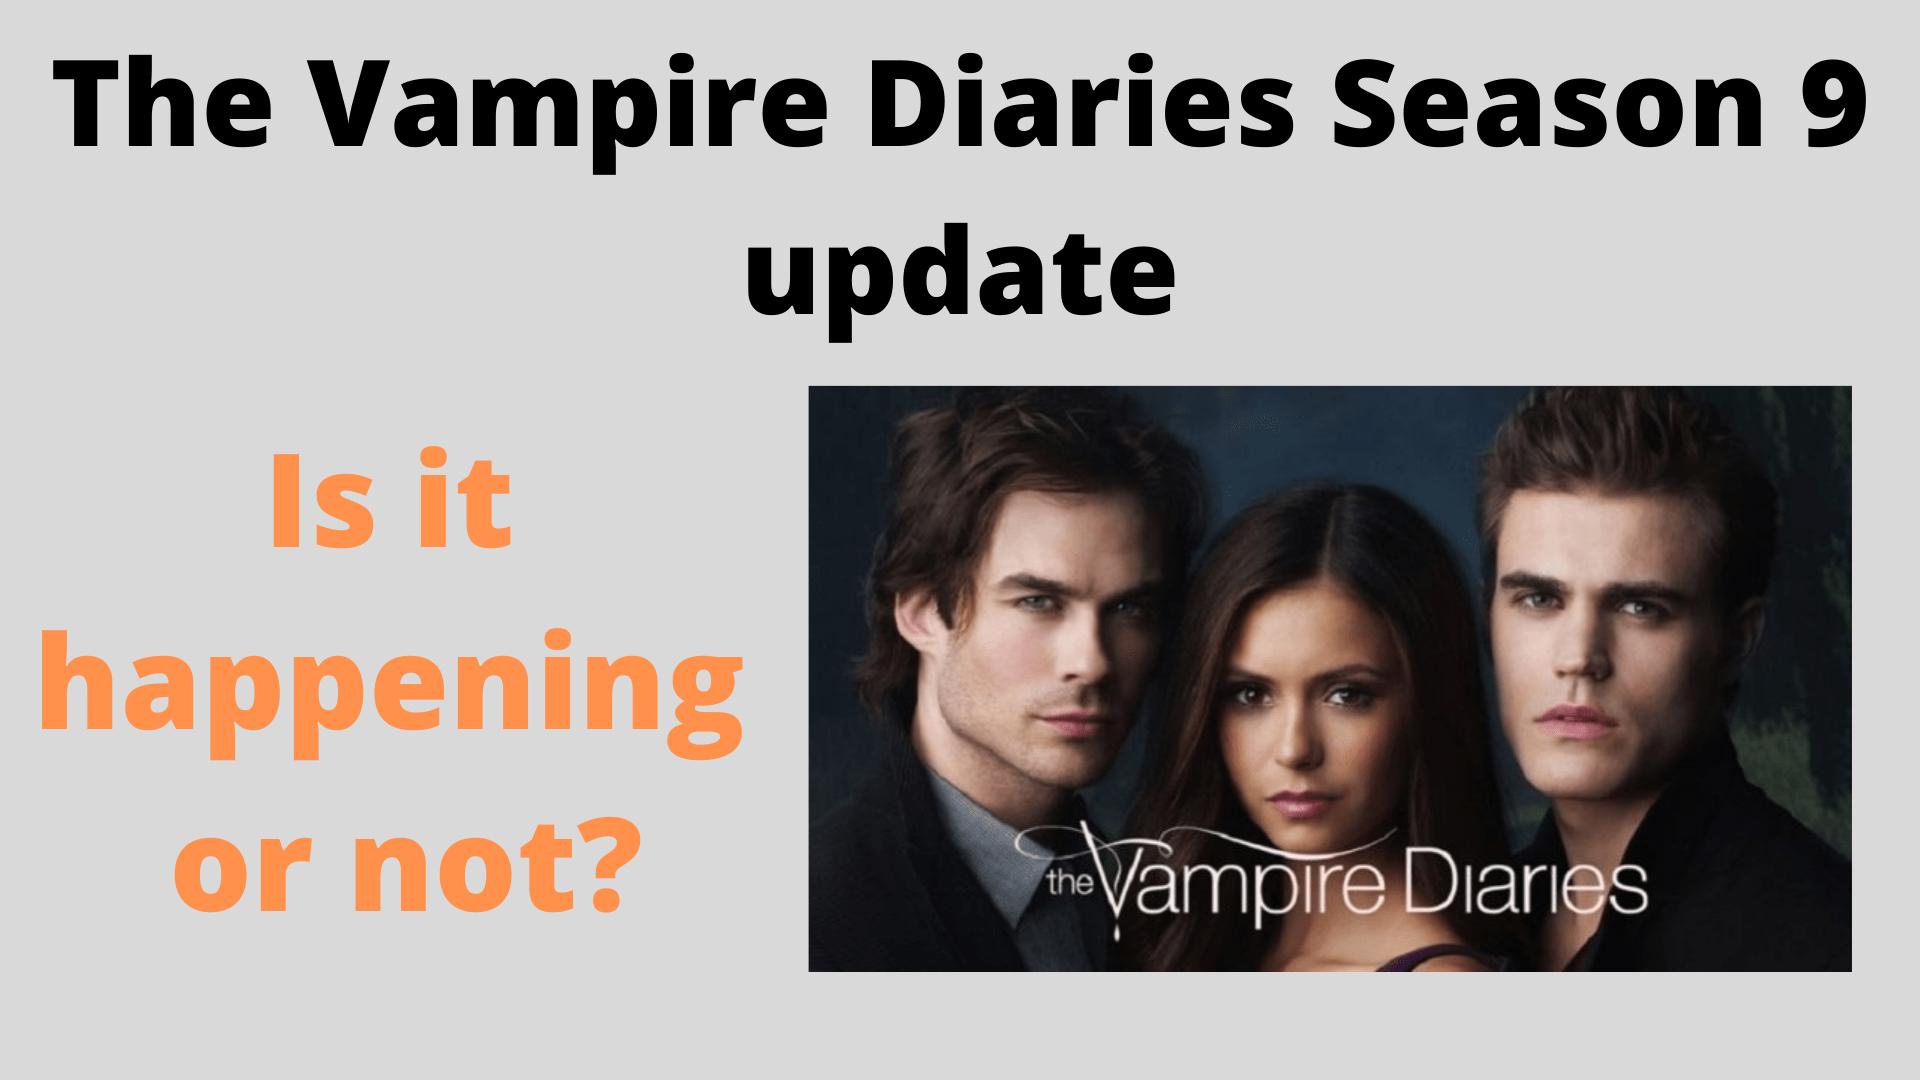 The Vampire Diaries Season 9 update_ Is is happening or not_